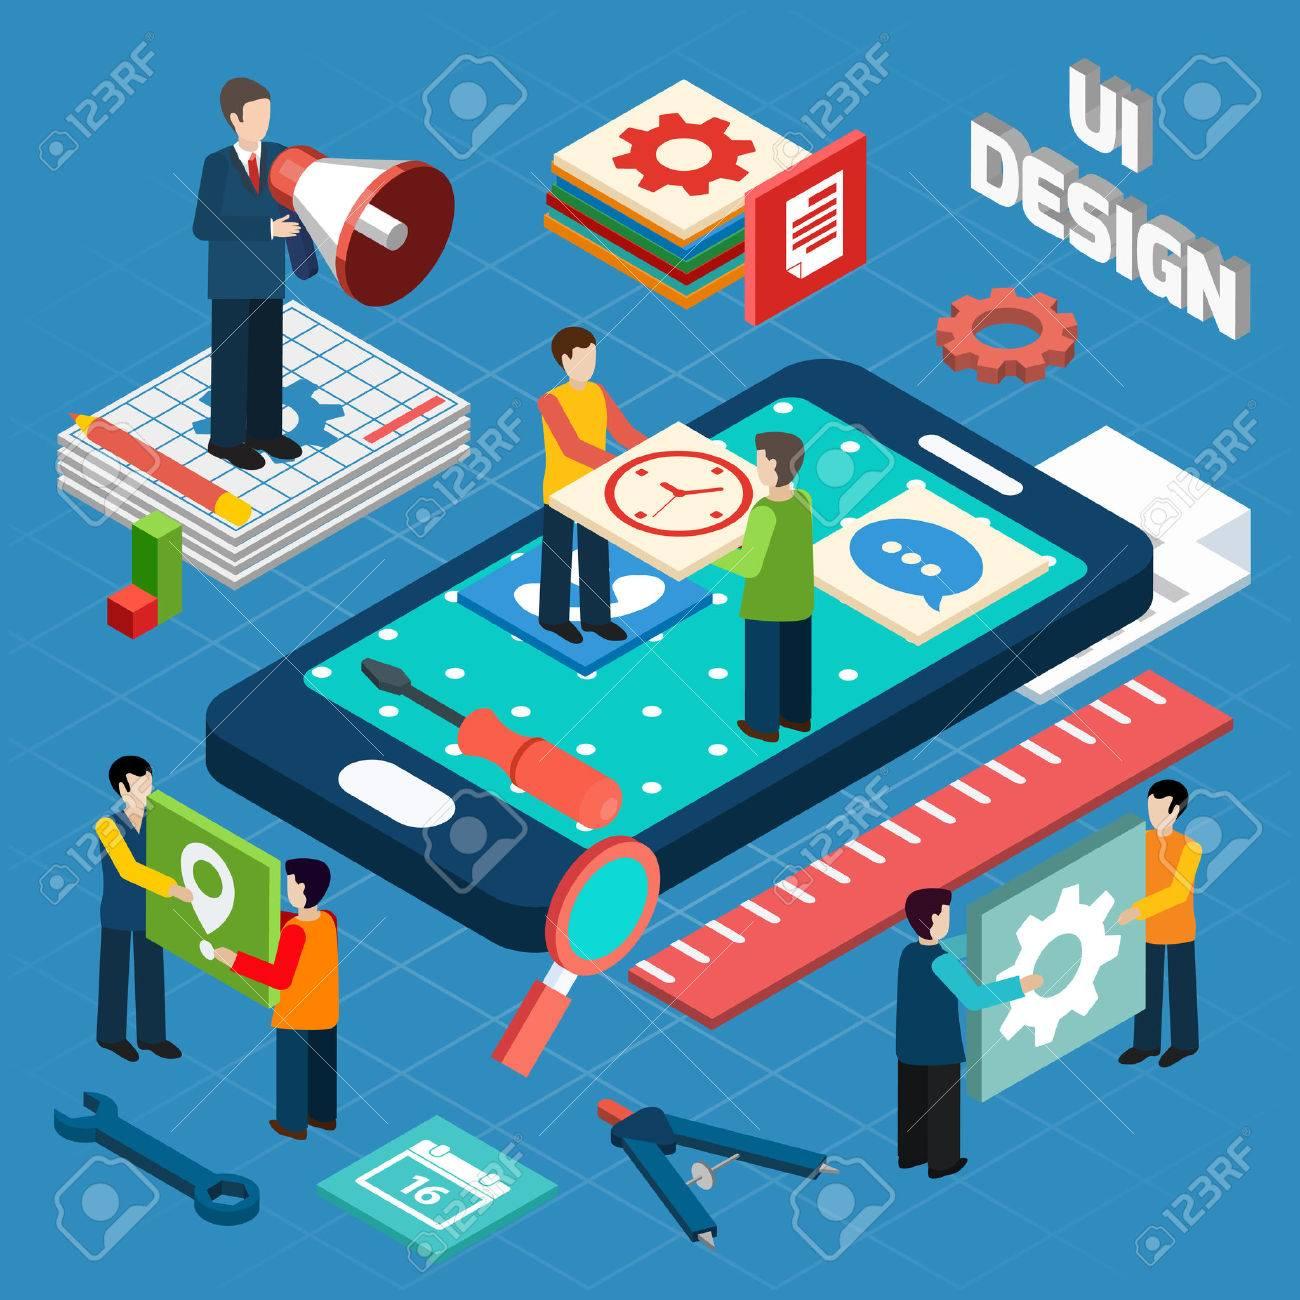 Banque d images - L ingénierie de l interface utilisateur pour les  appareils électroniques et les appareils mobiles notion pictogrammes  conception de ... 917c2276f011